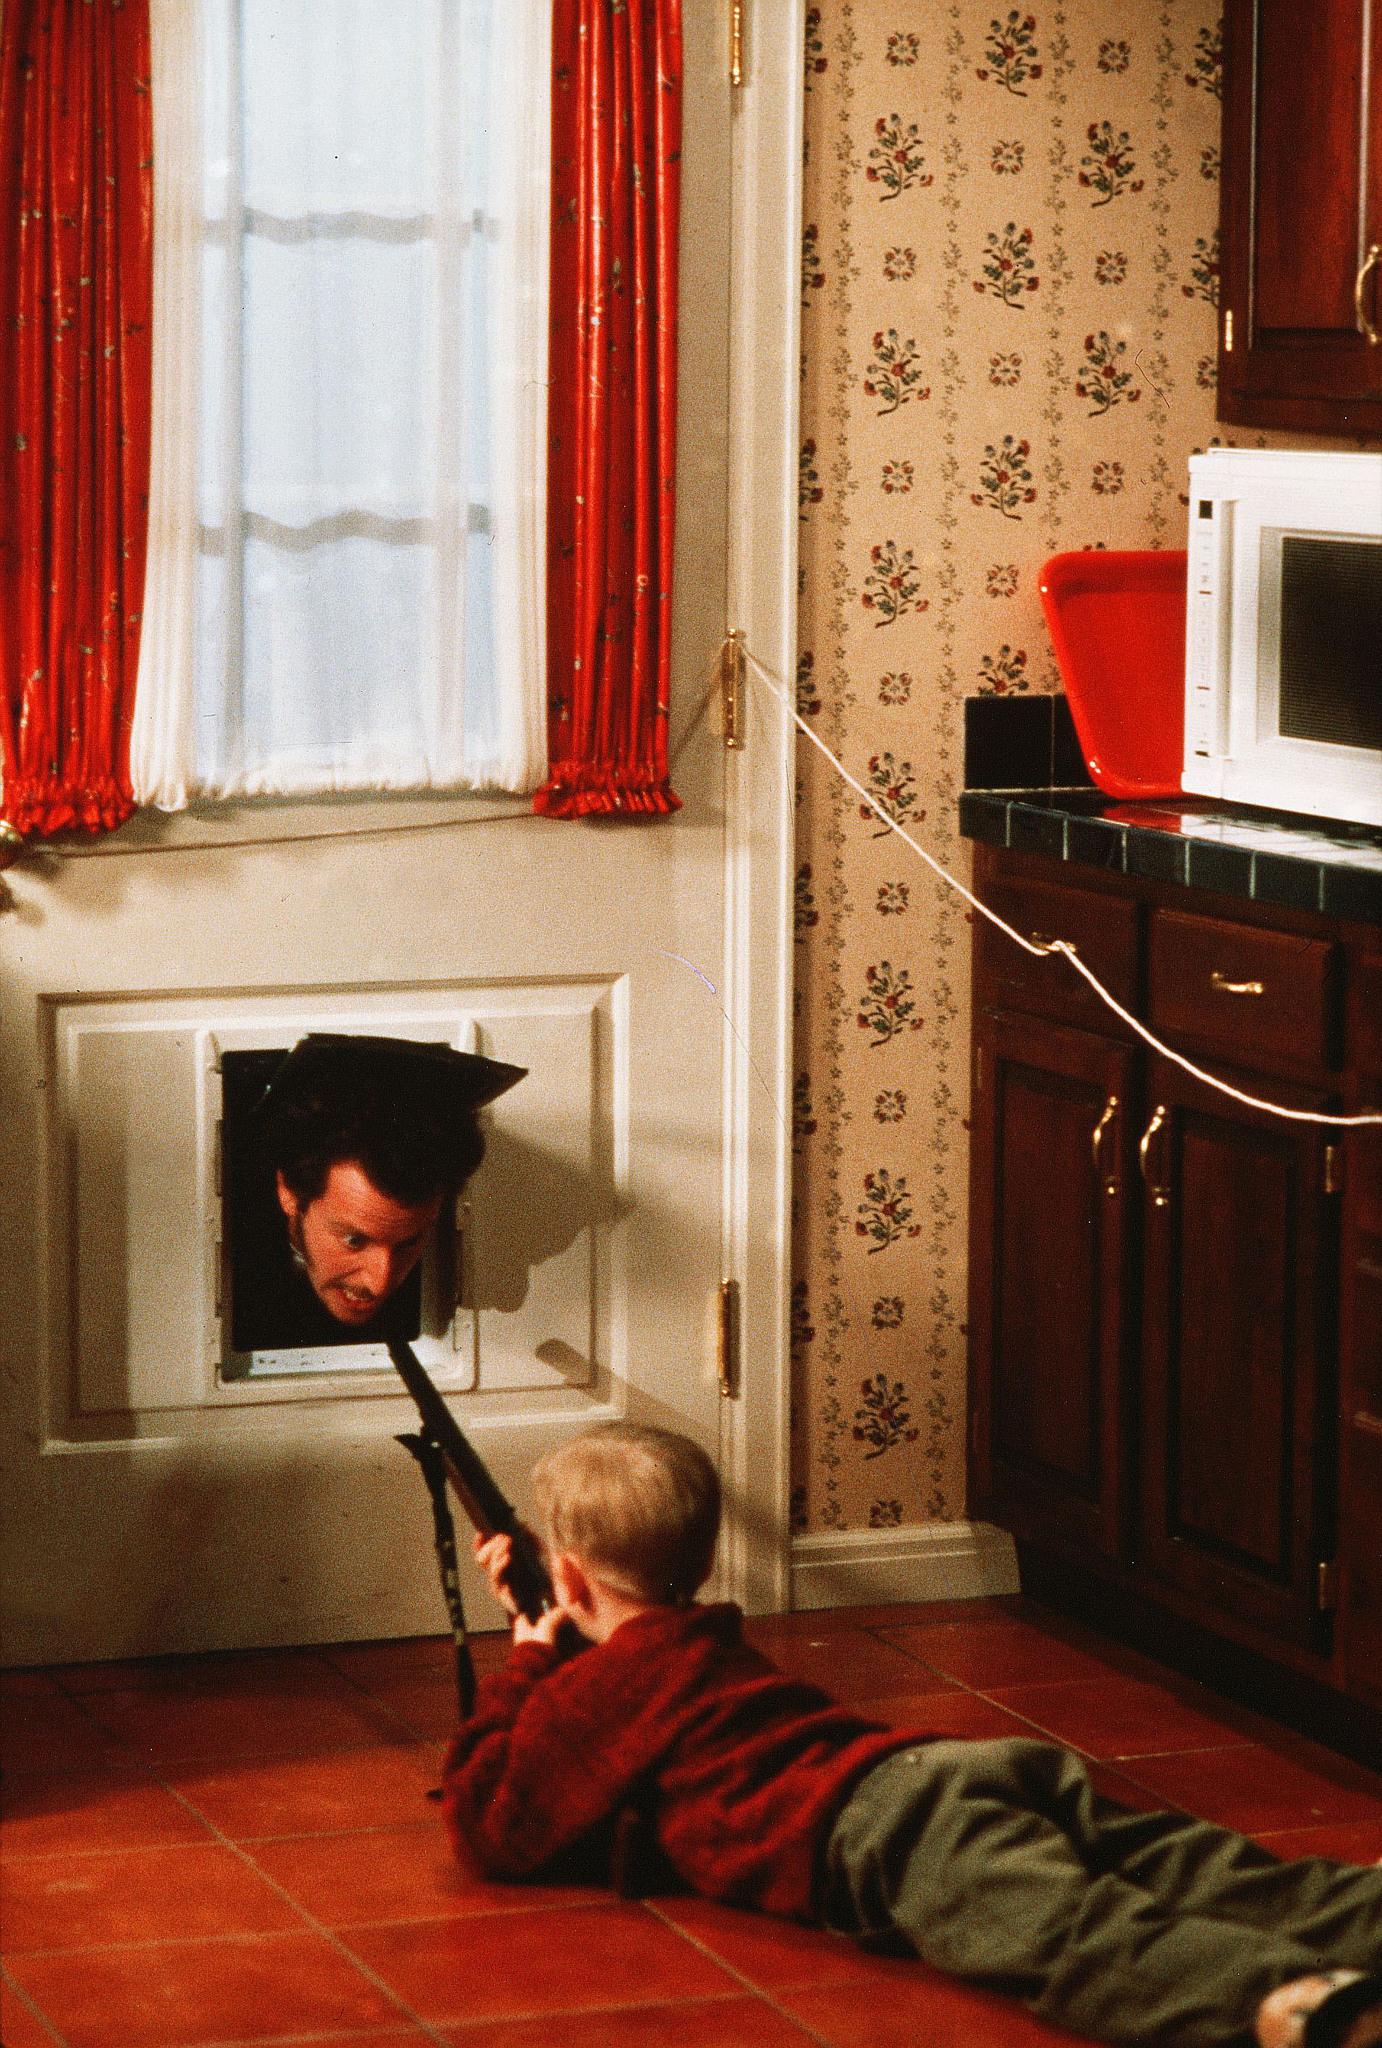 Macaulay Culkin and Daniel Stern in Home Alone (1990)